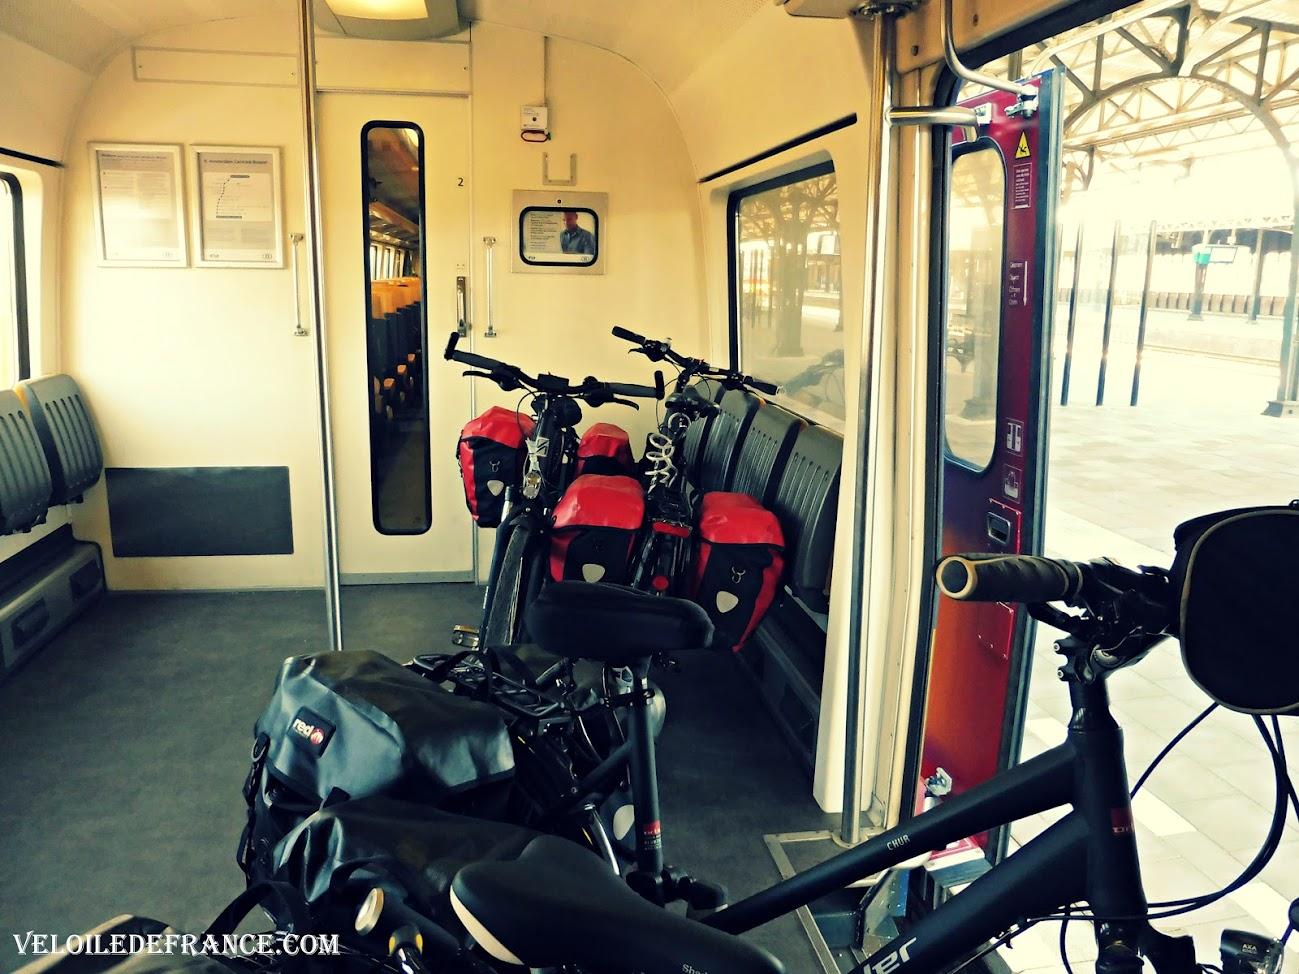 Compartiment vélo dans le train hollandais